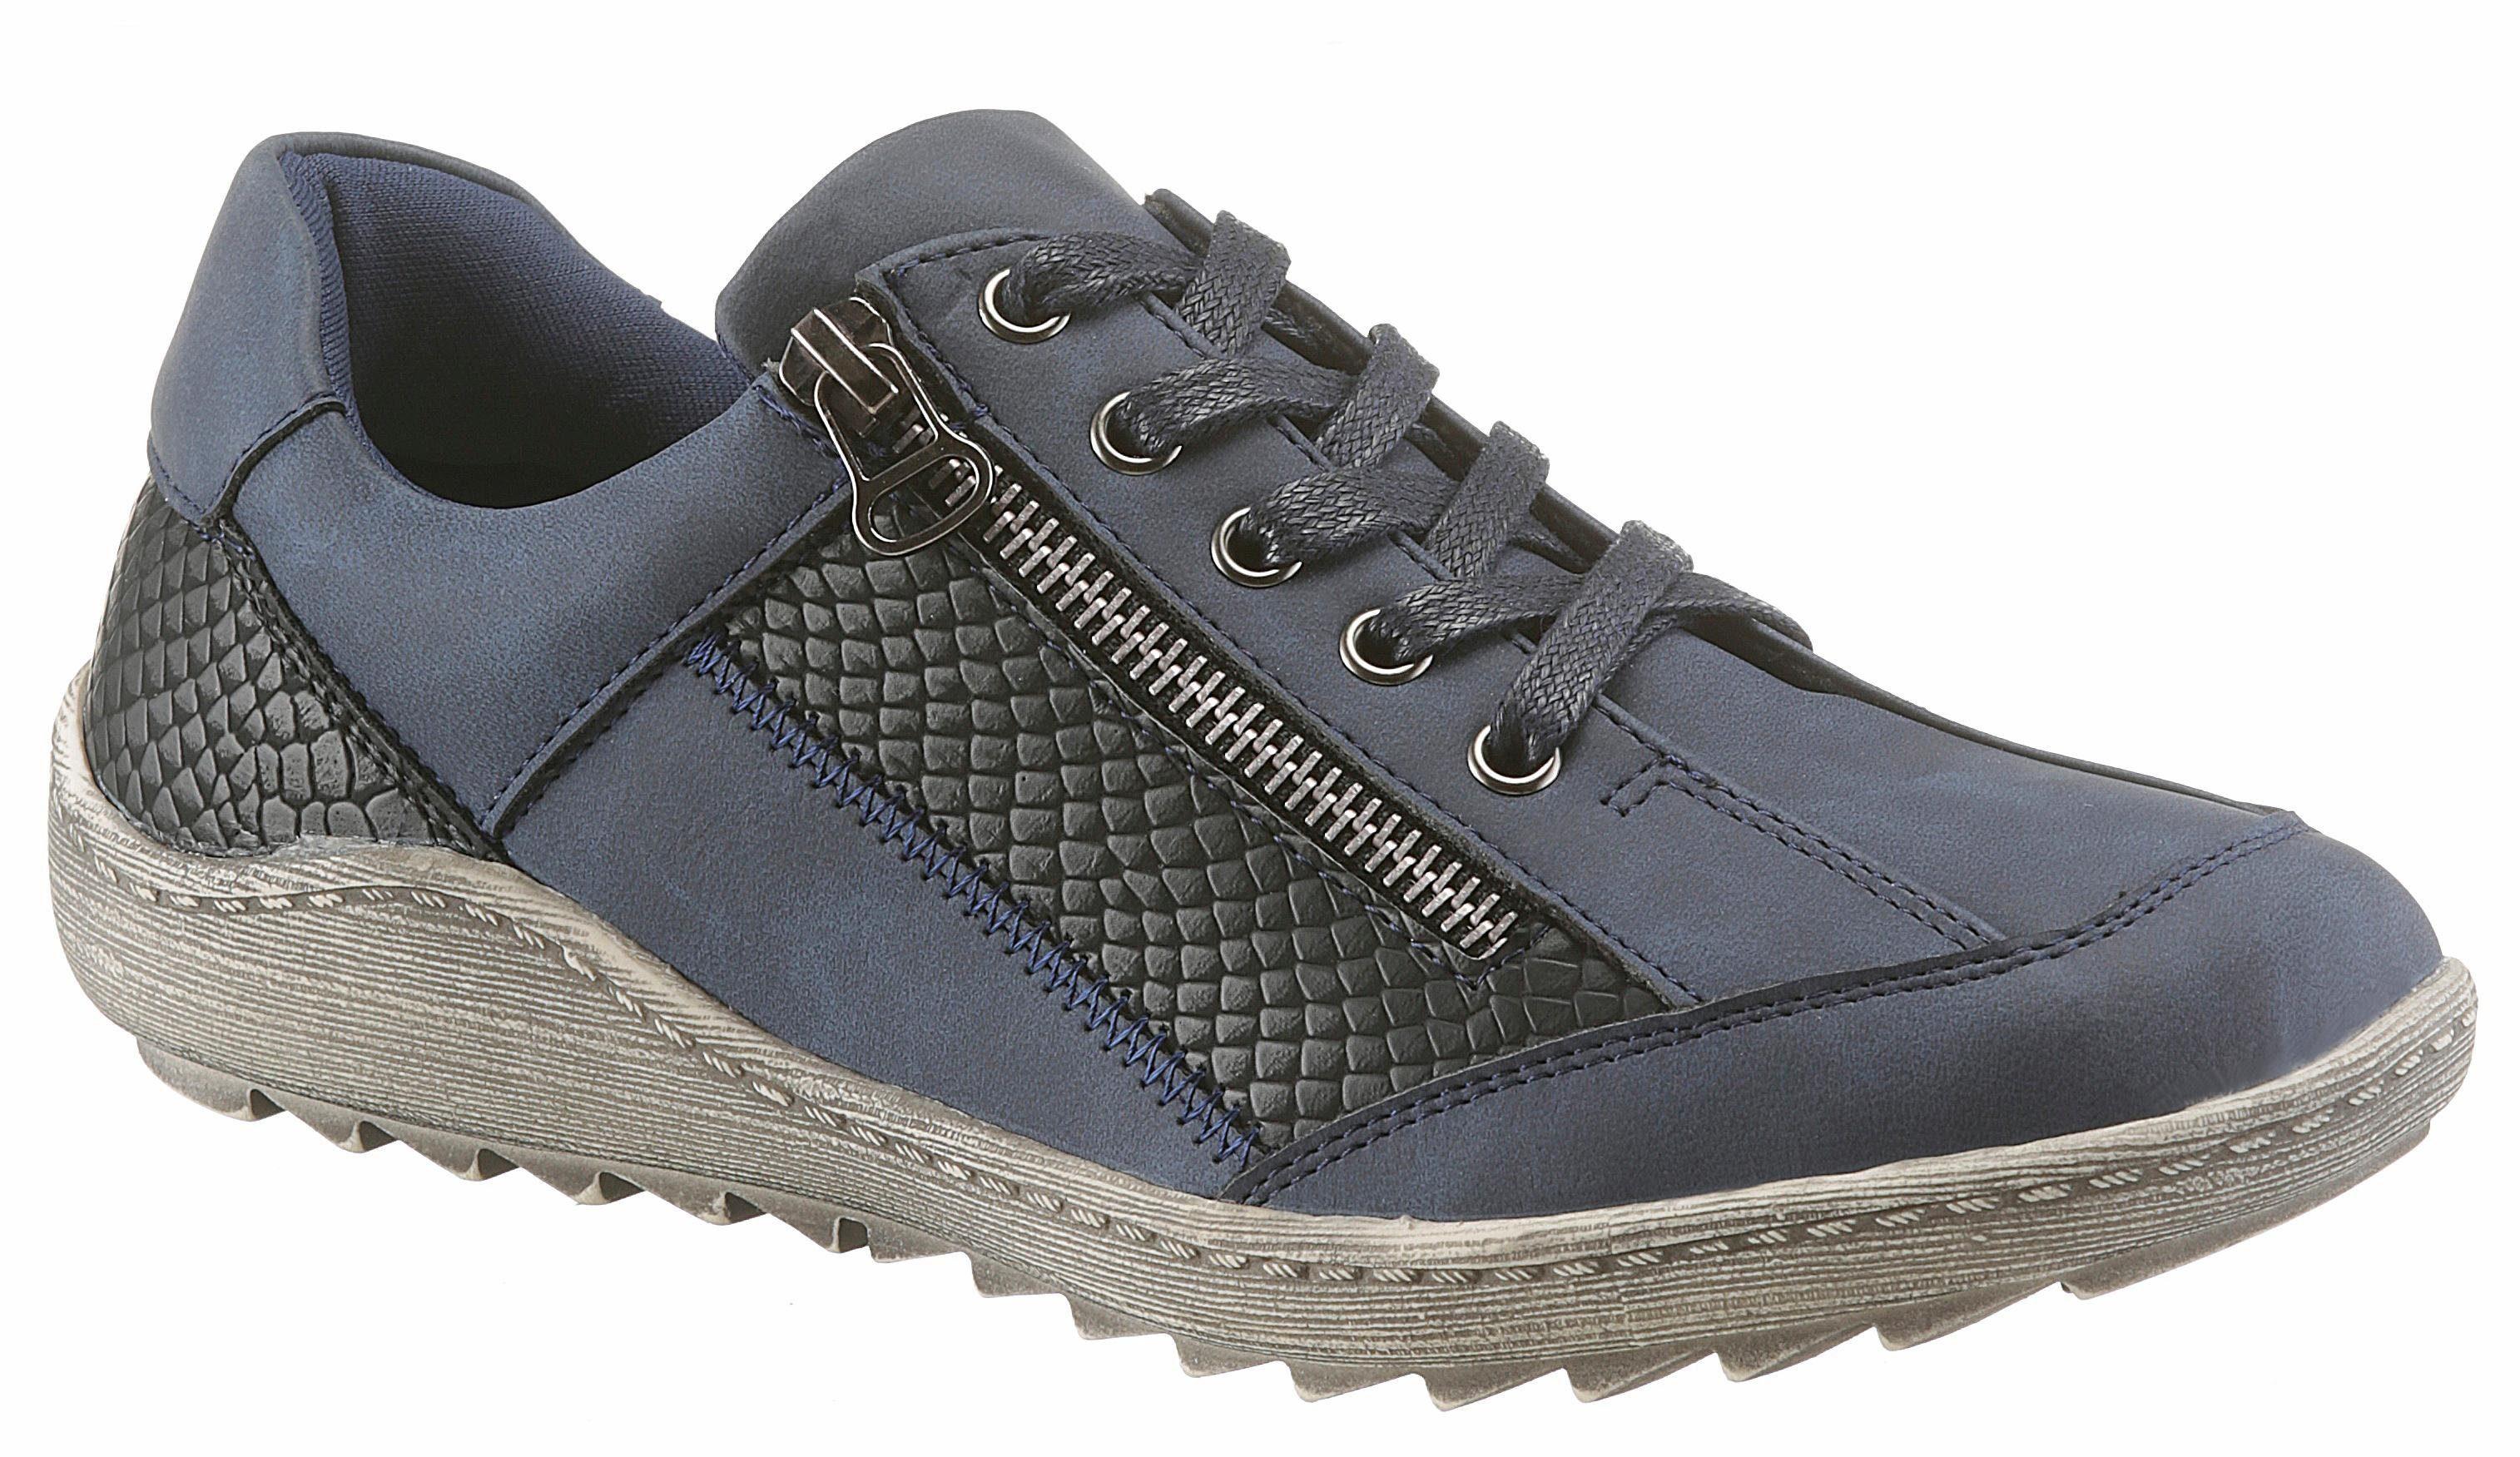 CITY WALK Sneaker, mit Reptilienprägung, blau, 36 36